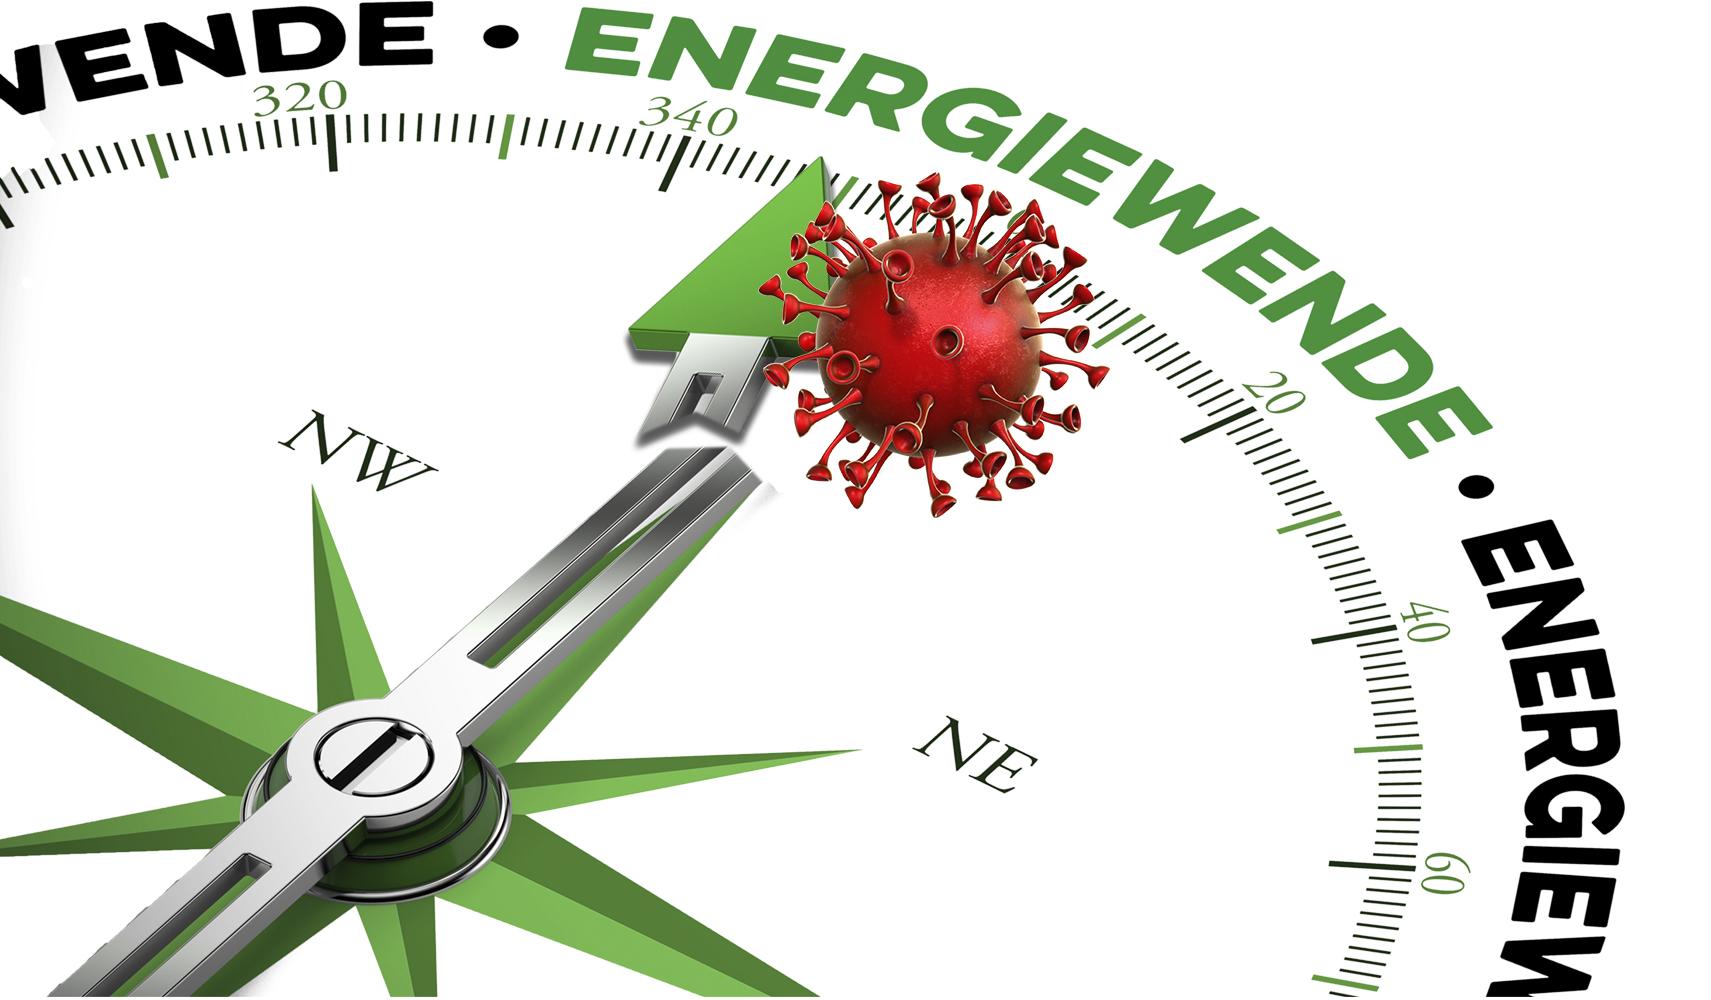 Corona-Krise verschärft die Probleme bei der Energiewende